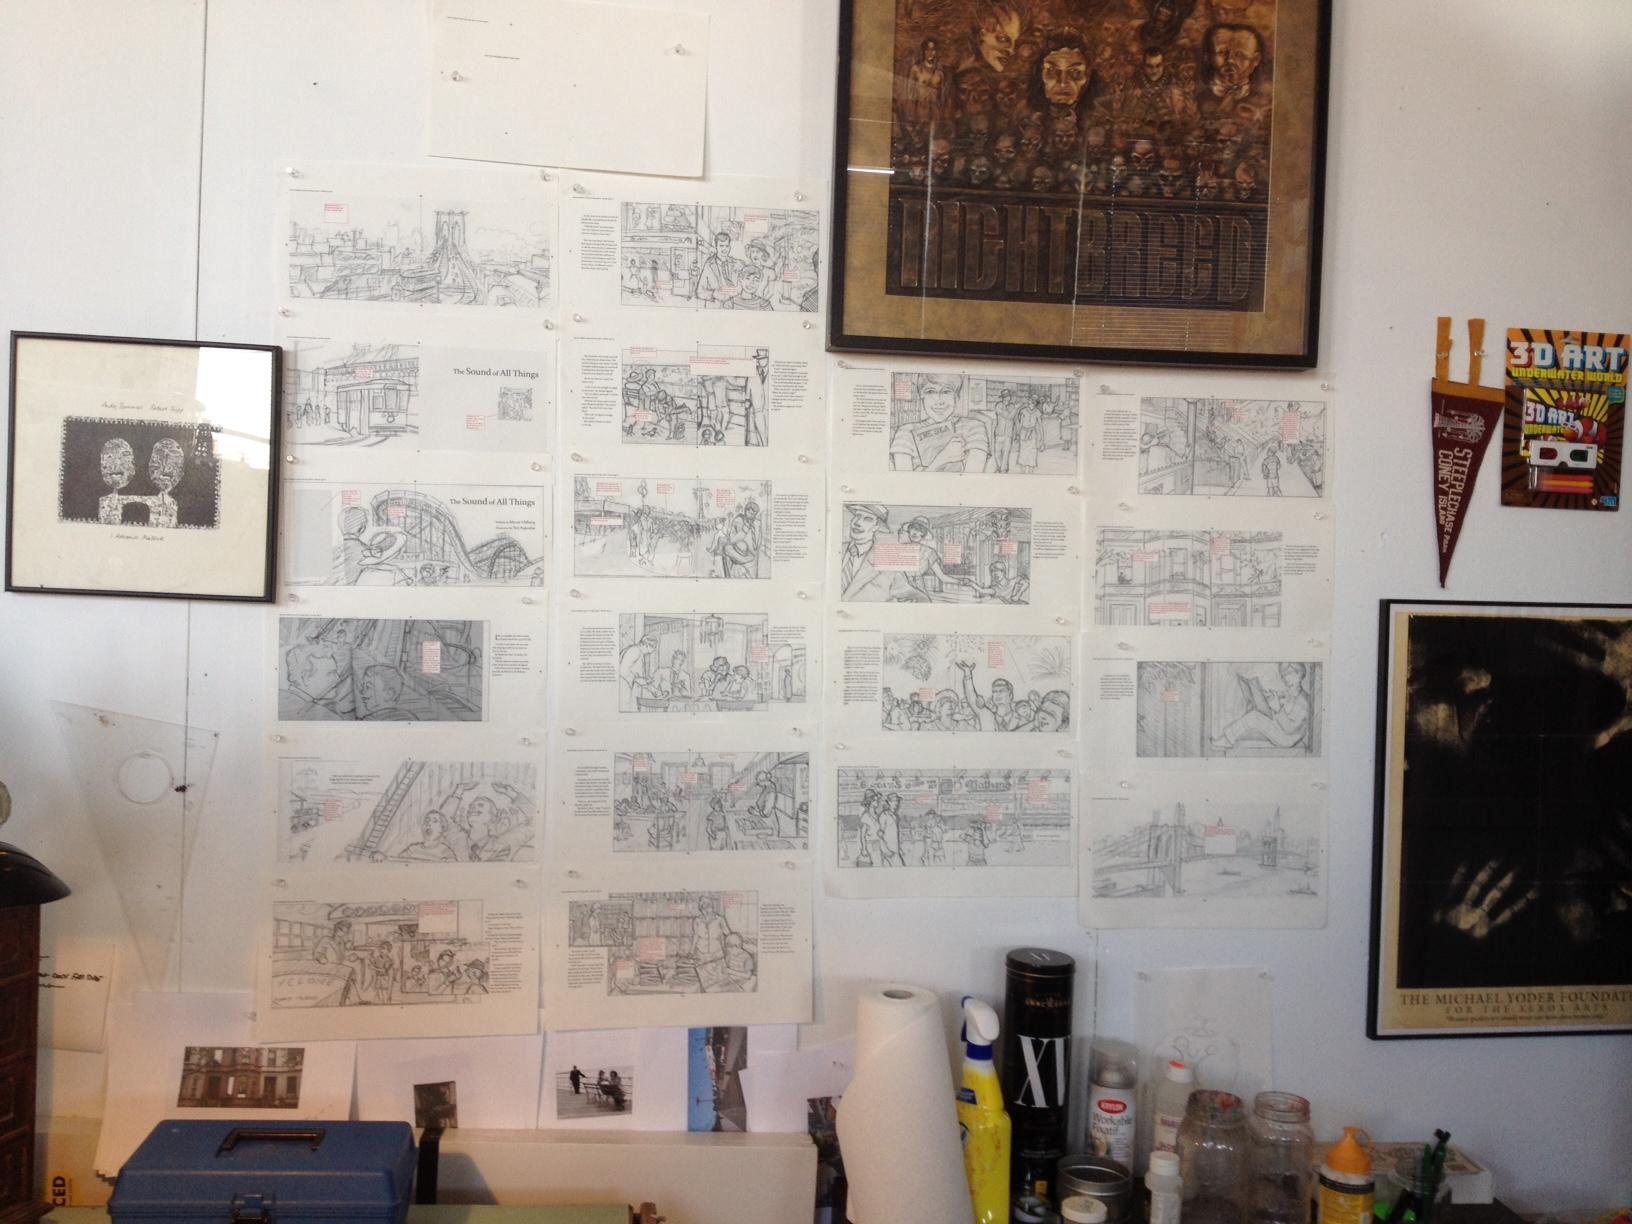 Storyboard Wall - SOAT